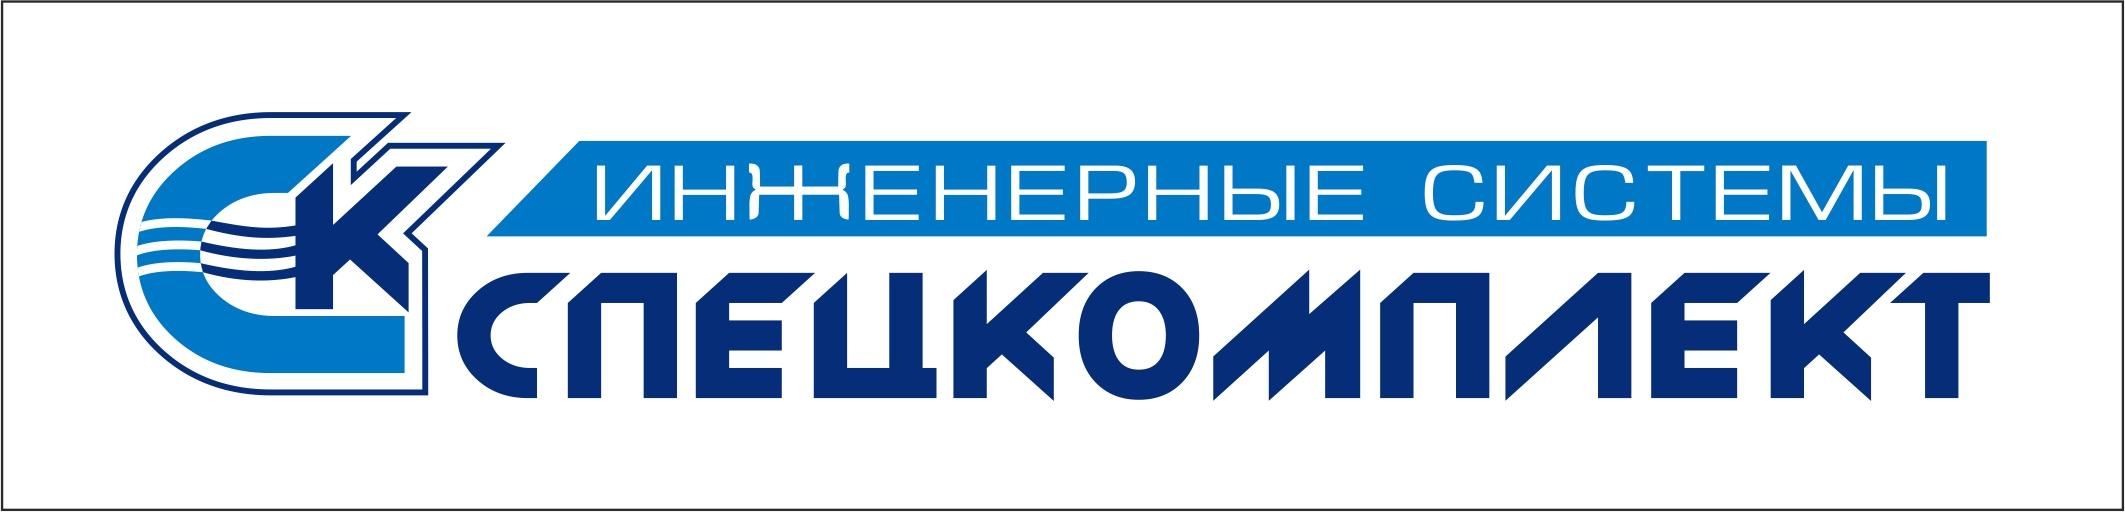 Работа в компании «Спецкомплект Инженерные Системы, ООО» в Оренбурга